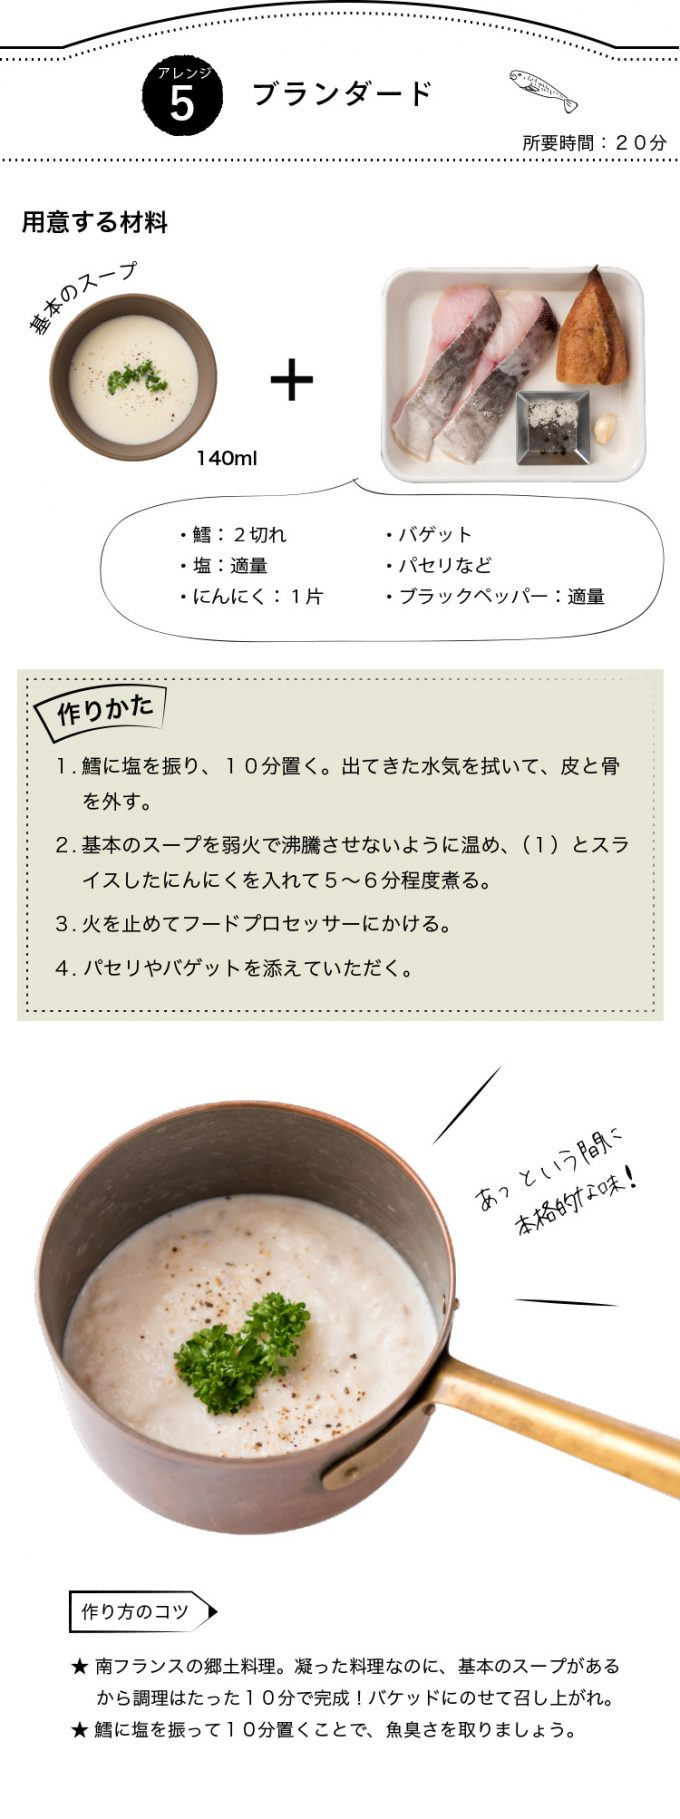 アレンジスープ【春菊のリゾット】レシピ